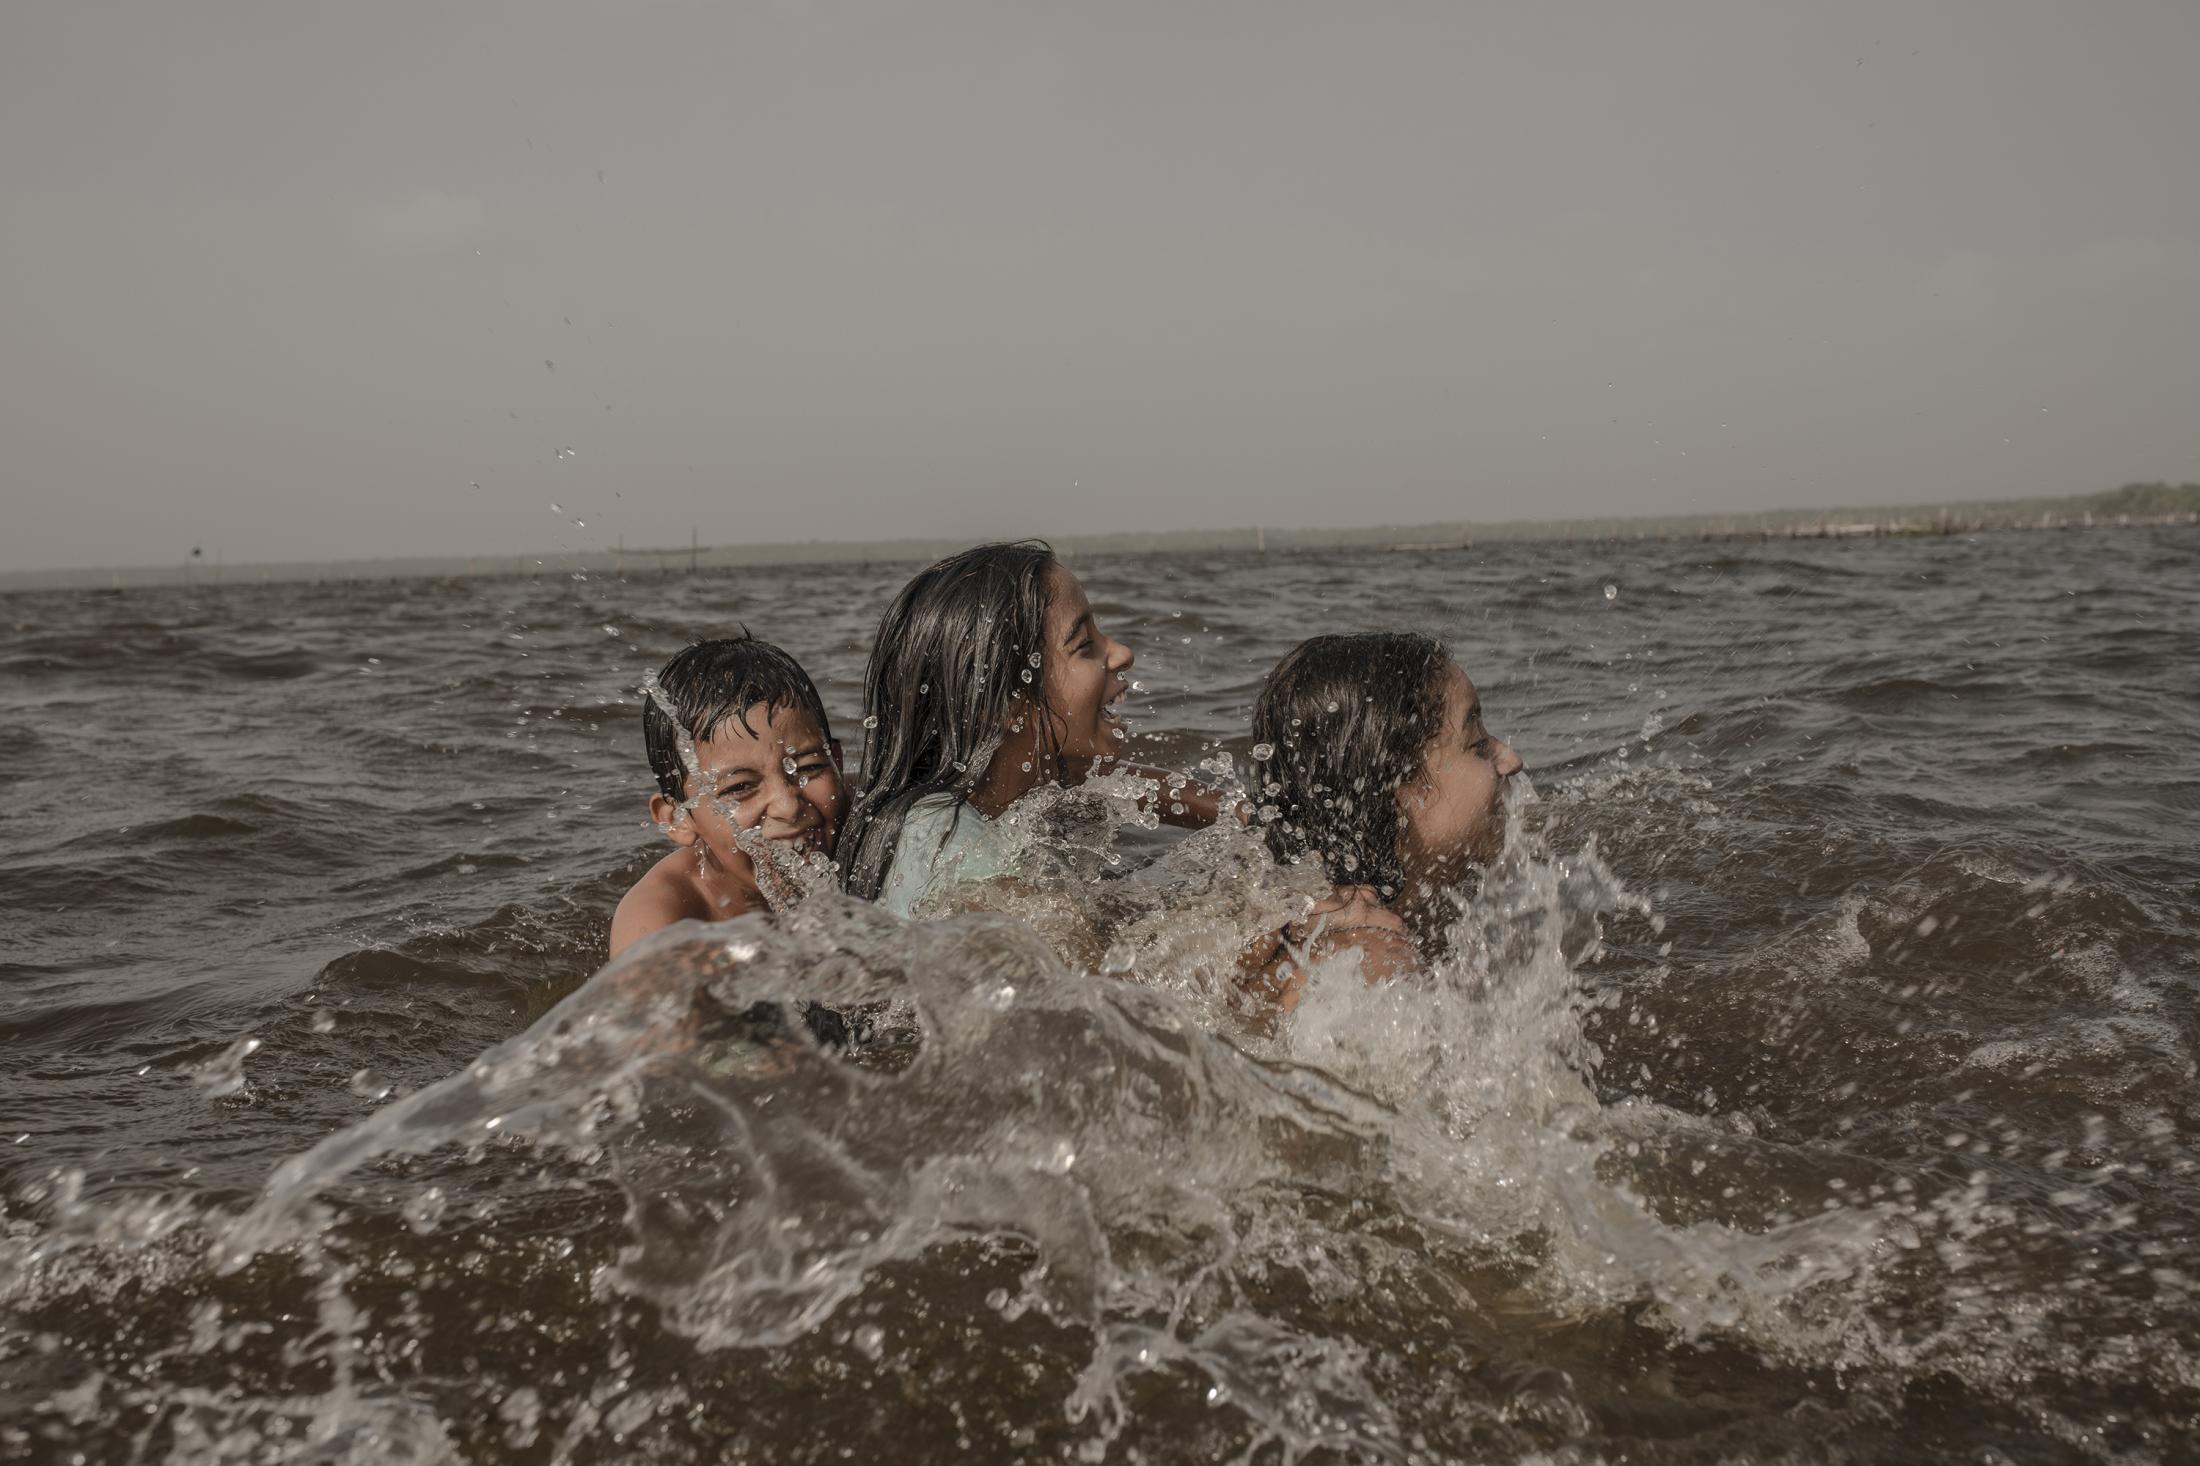 Sara Chavez, 11 años, juega en la laguna de Alvarado con su amiga Maria Fernanda y Josué en la pequeña comunidad de Costa de San Juan, Alvarado. Sara ha sido una de las estudiantes de primaria afectadas por la pandemia del Covid-19 al vivir en una isla sin energía eléctrica ni internet para poder realizar sus actividades académicas.